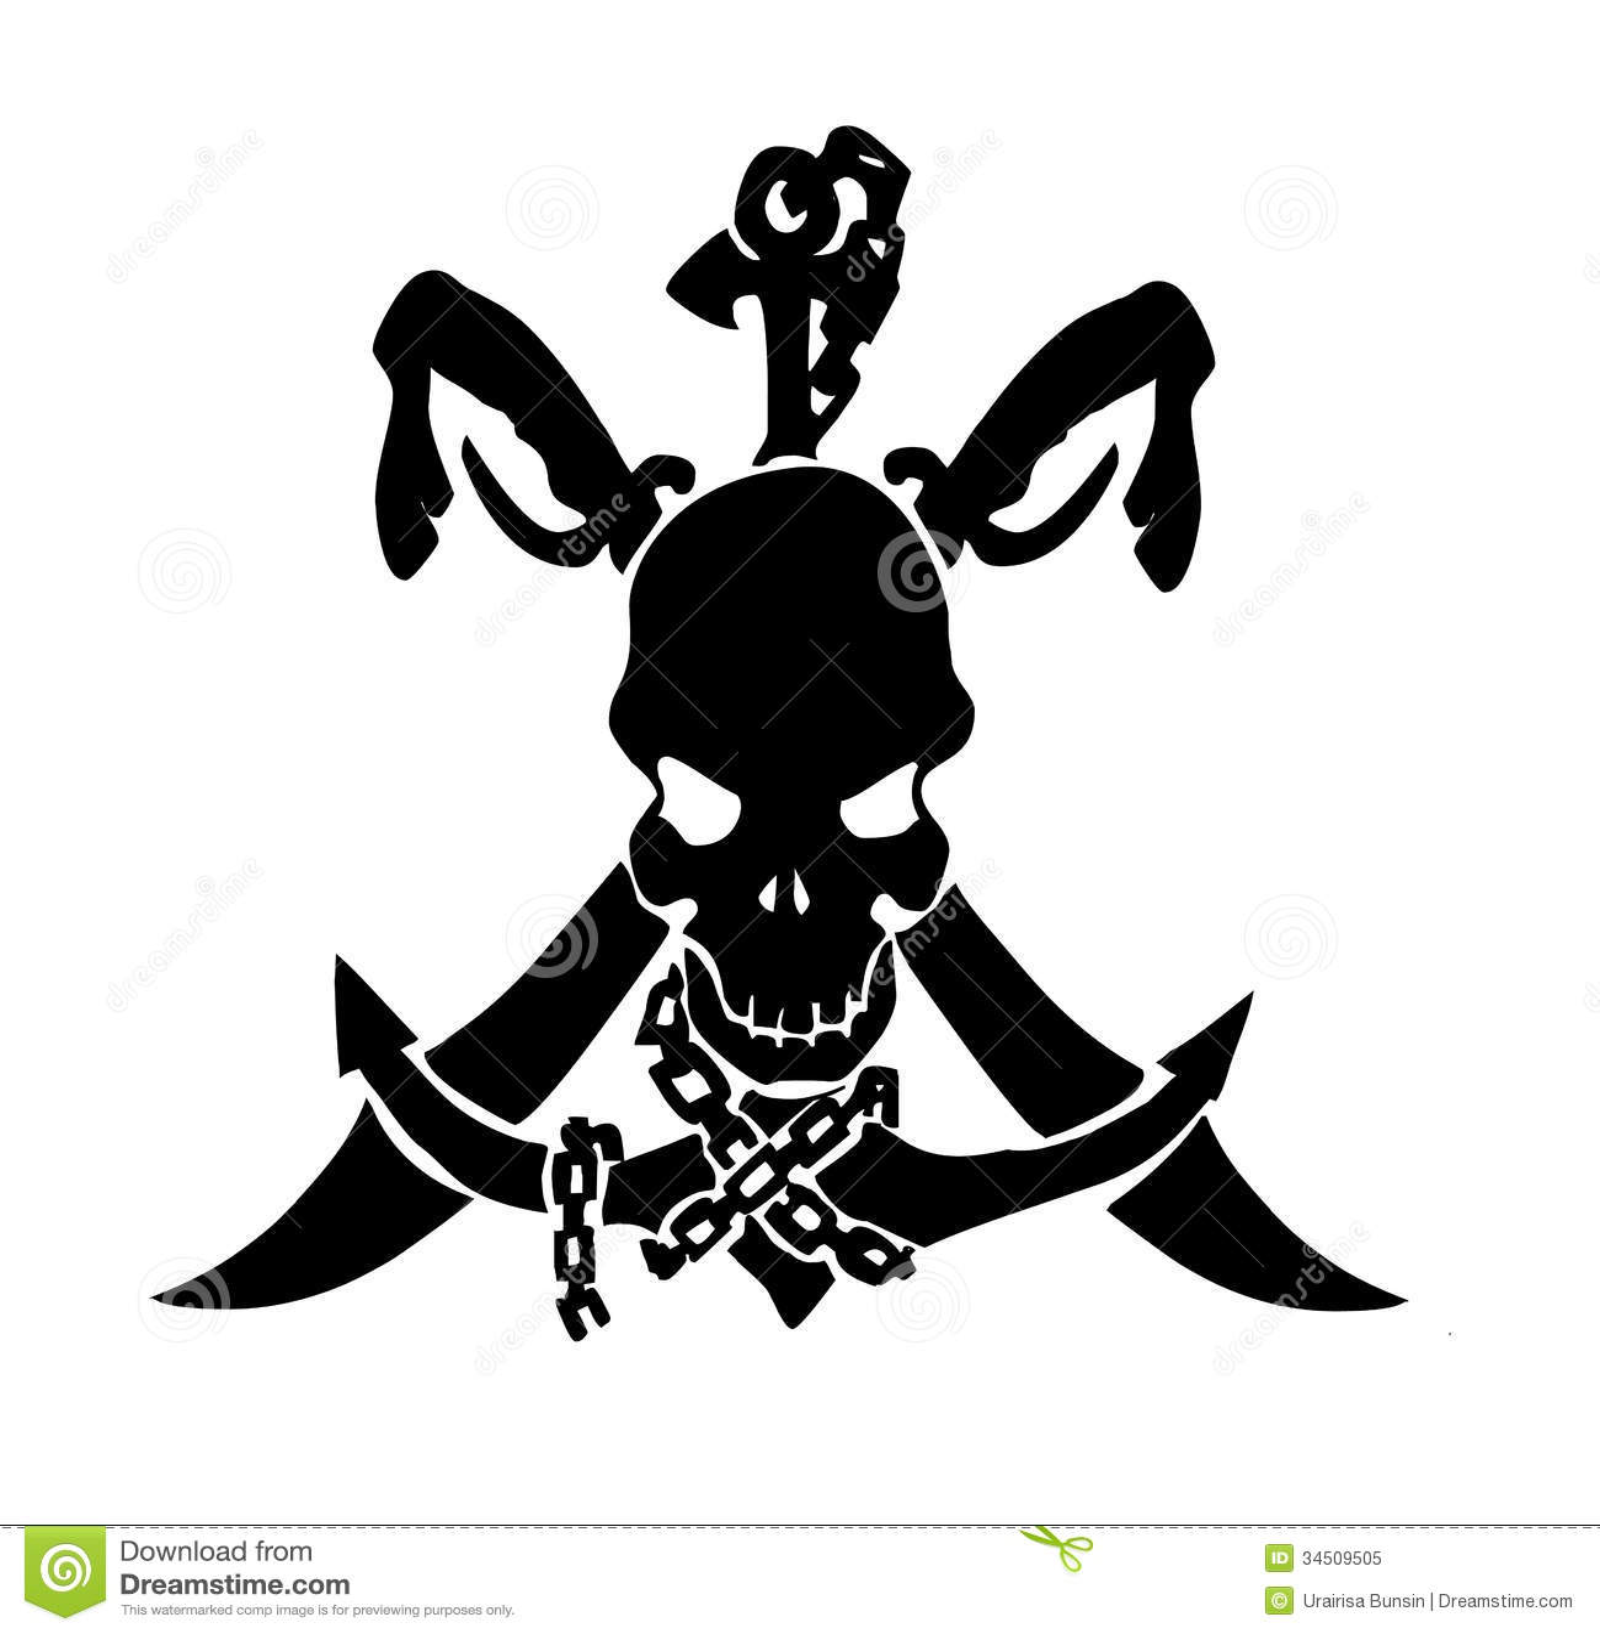 tatouage de cr ne de pirate photo libre de droits image 34509505. Black Bedroom Furniture Sets. Home Design Ideas